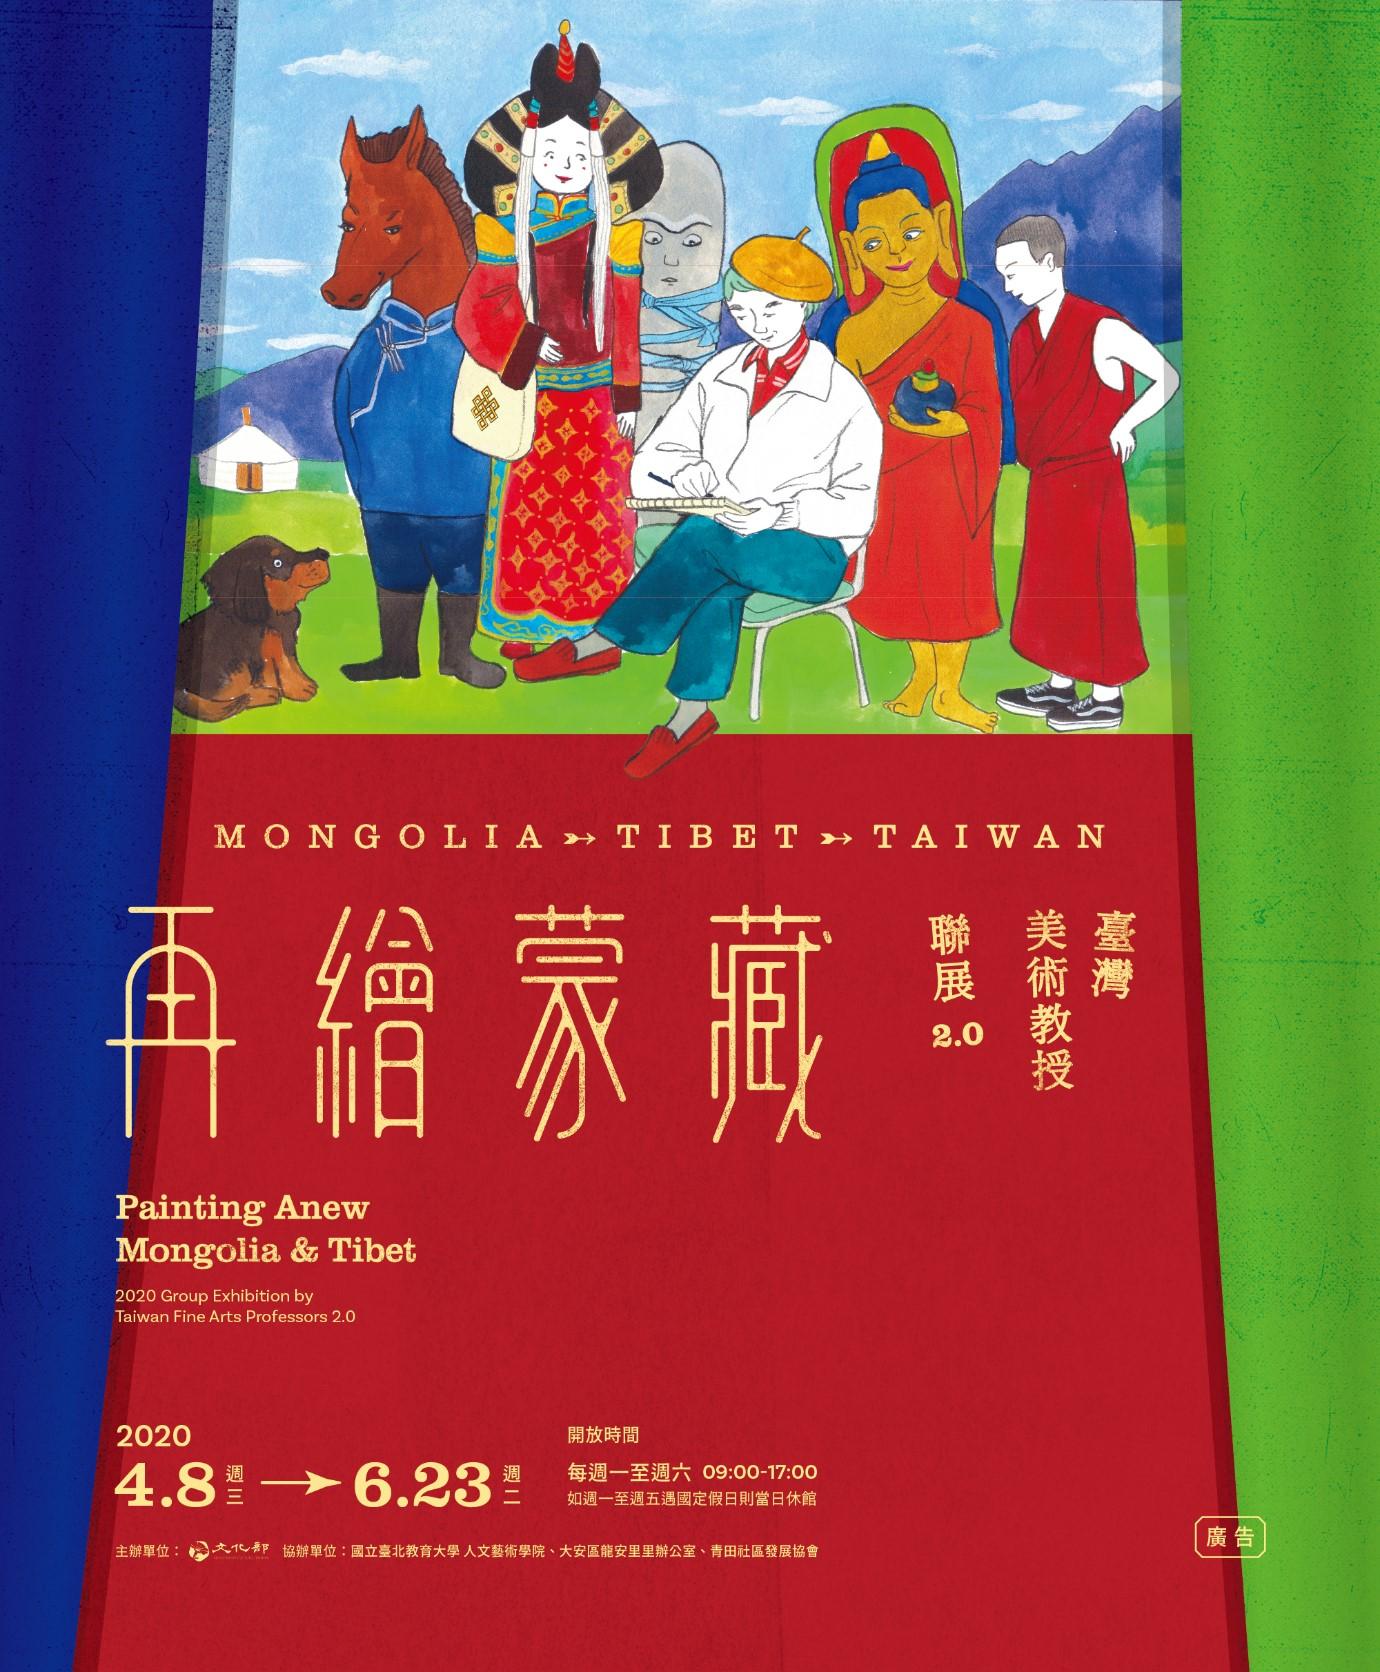 文化部蒙藏文化中心:2020/04/08-2020/06/23【再繪蒙藏-臺灣美術教授聯展2.0】及線上影片